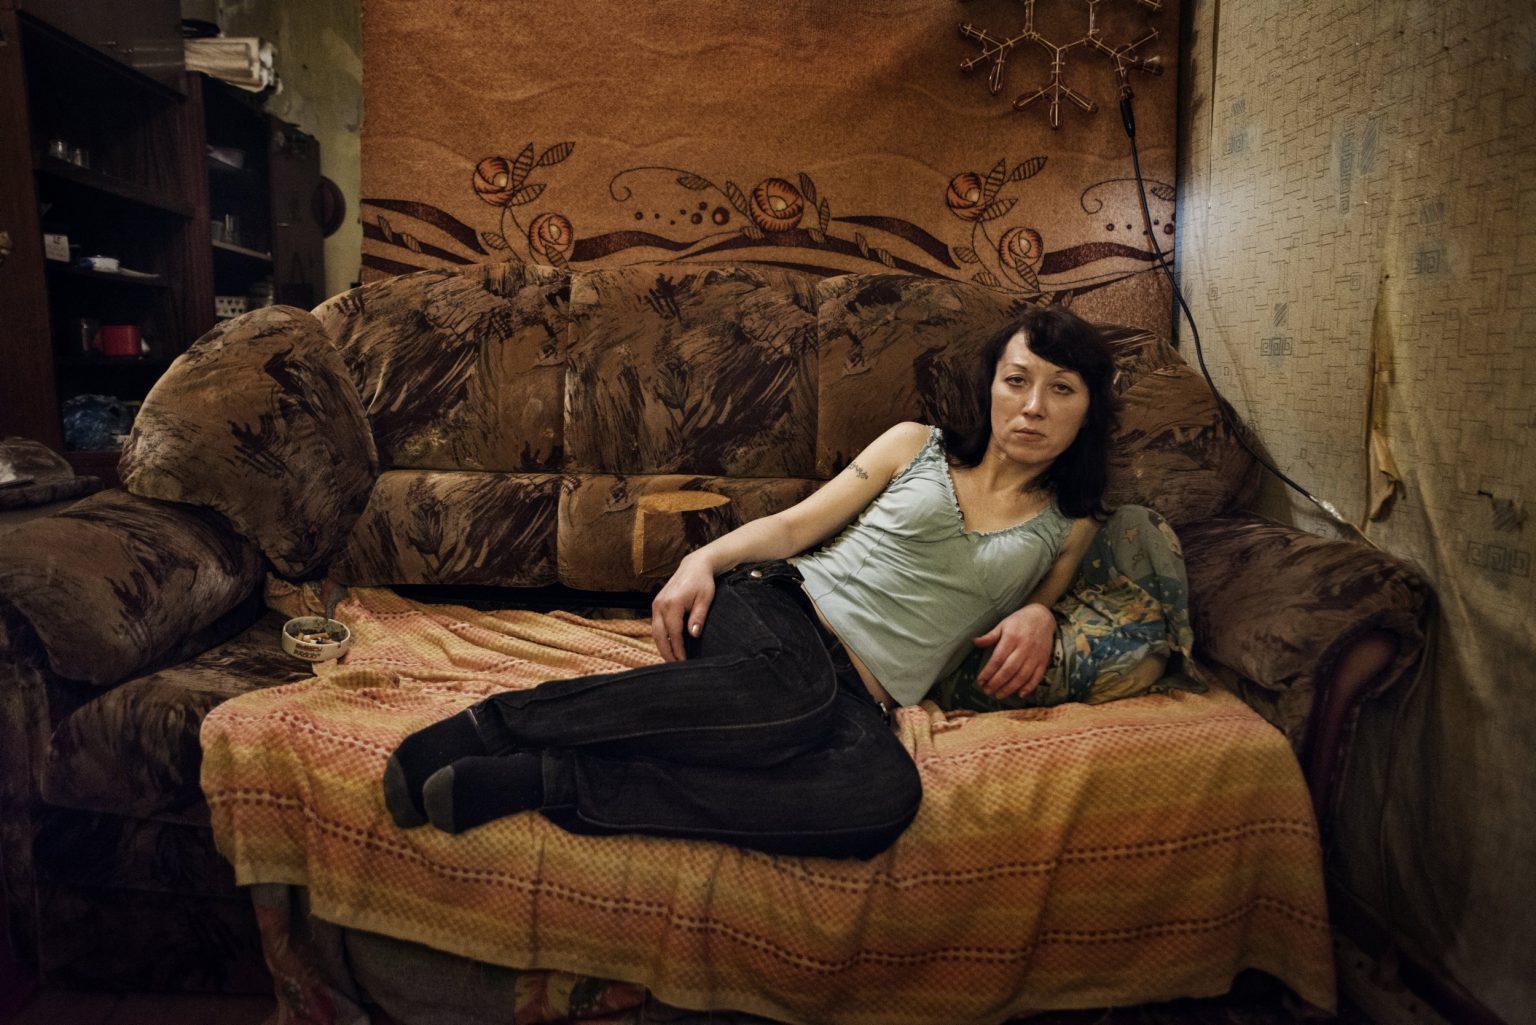 Yekaterinburg, Russia, November 2013 - Zhanna under the effect of Krokodil, lying on a couch in an apartment in the district of Uralmash. (She died in 2015 due to the long use of Krokodil). >< Yekaterinburg, Russia, novembre 2013 - Zhanna sotto l'effetto della Krokodil siede su un divano in un appartamento nel quartiere di Uralmash. (Zhanna è morta nel 2015 a seguito dell'uso prolungato di Krokdoil).